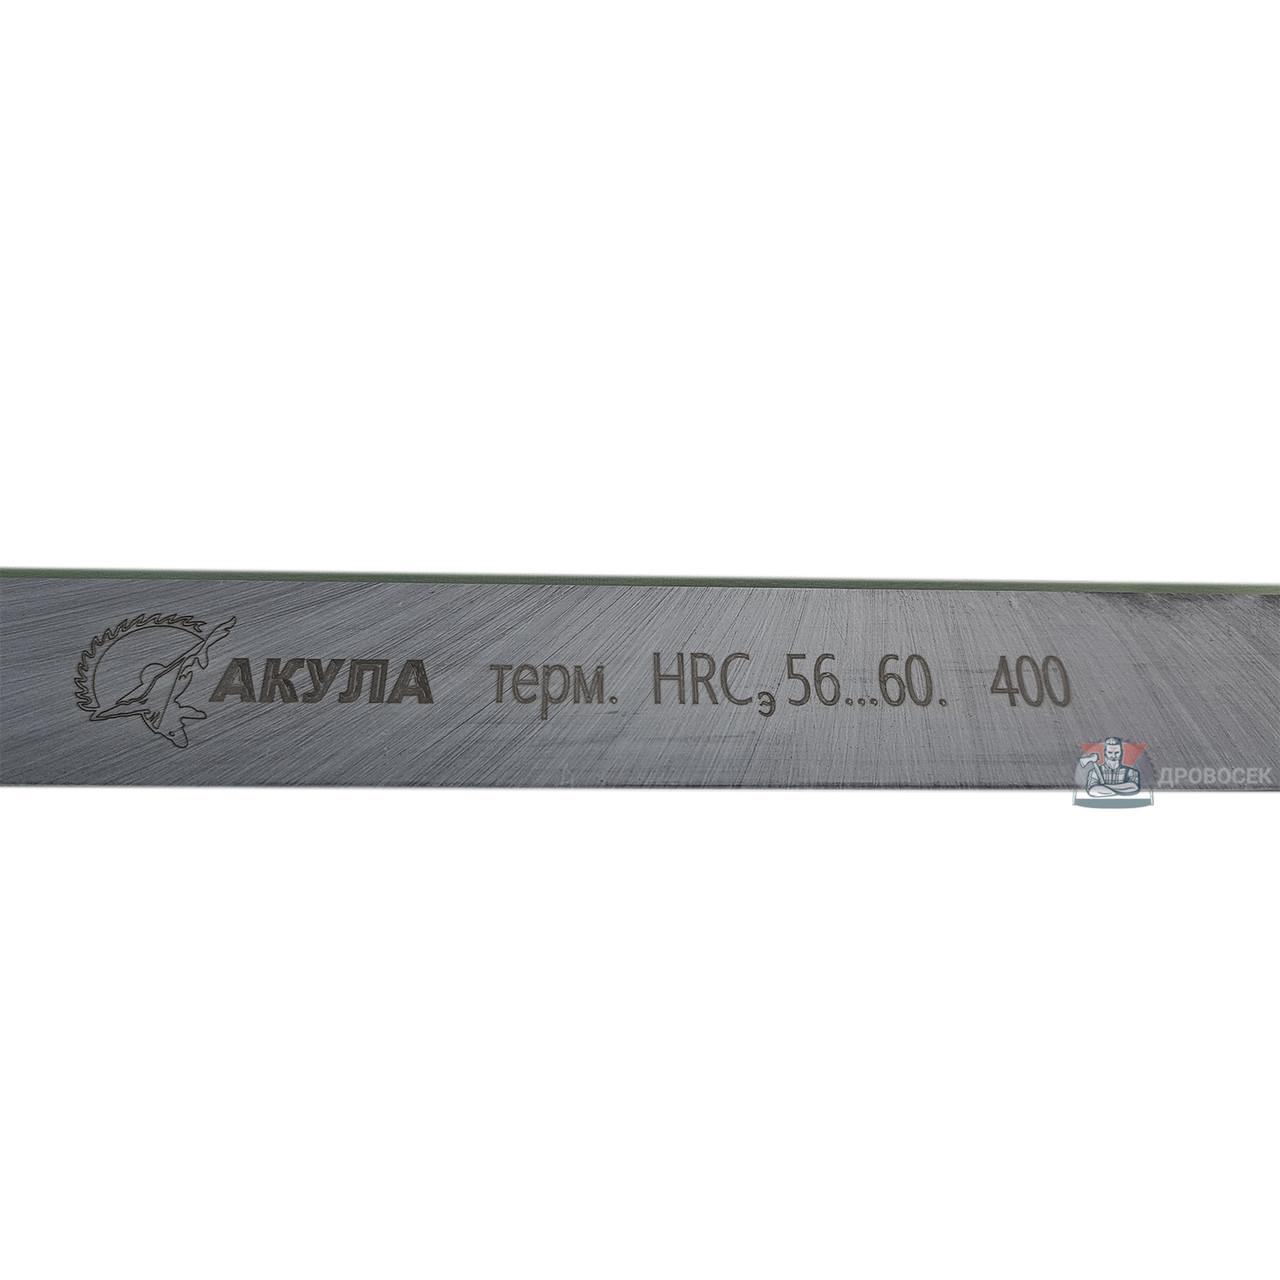 Фірмовий професійний стругальний ніж Акула (заточений з 1 сторони) 250 мм на 20 мм